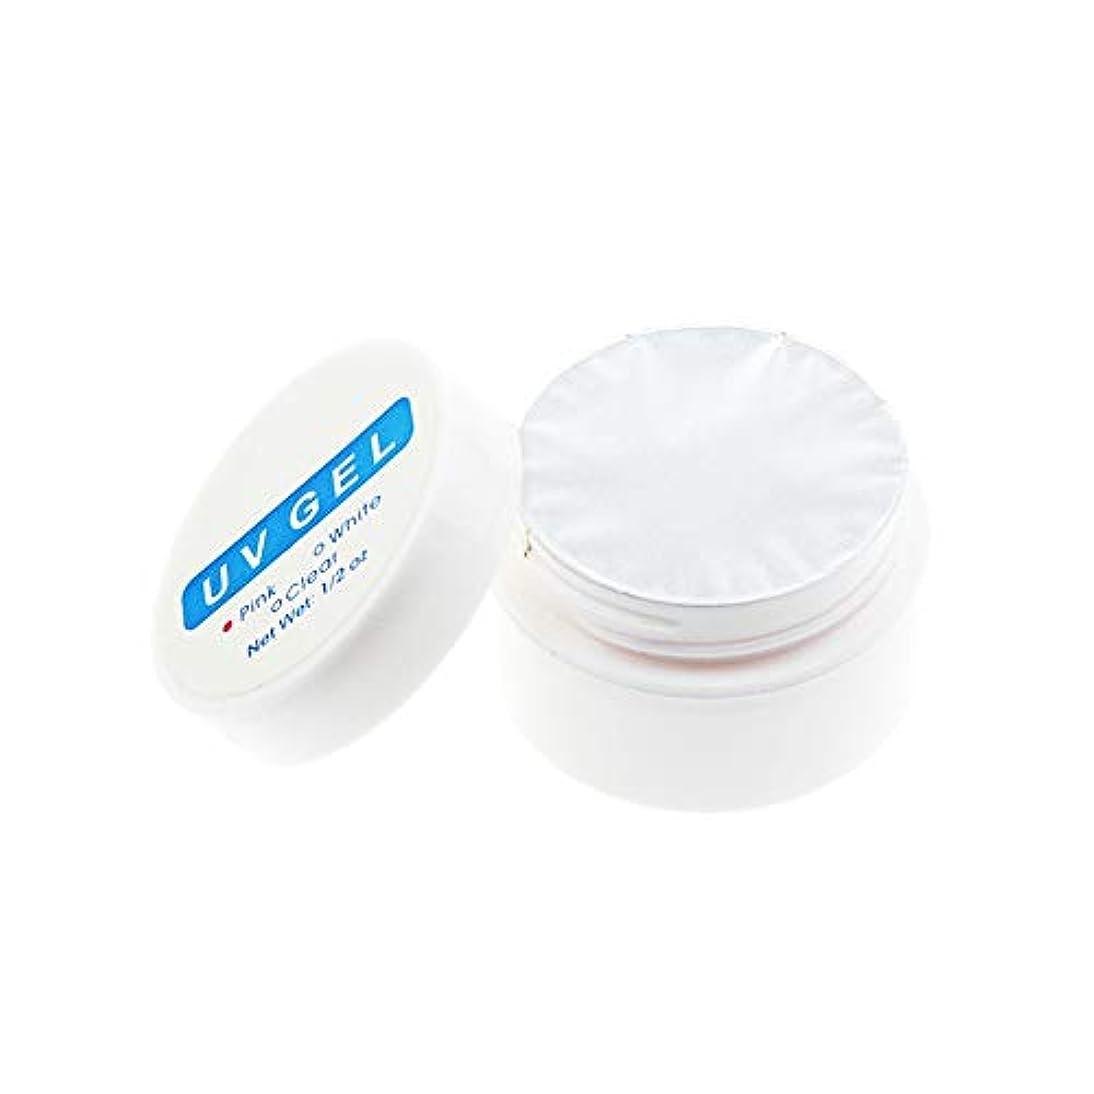 自発確認事実上1st market 透明な実用的なUV光線療法ネイル用品ネイル用クリスタルネイル延長接着剤必須のUVジェル、透明